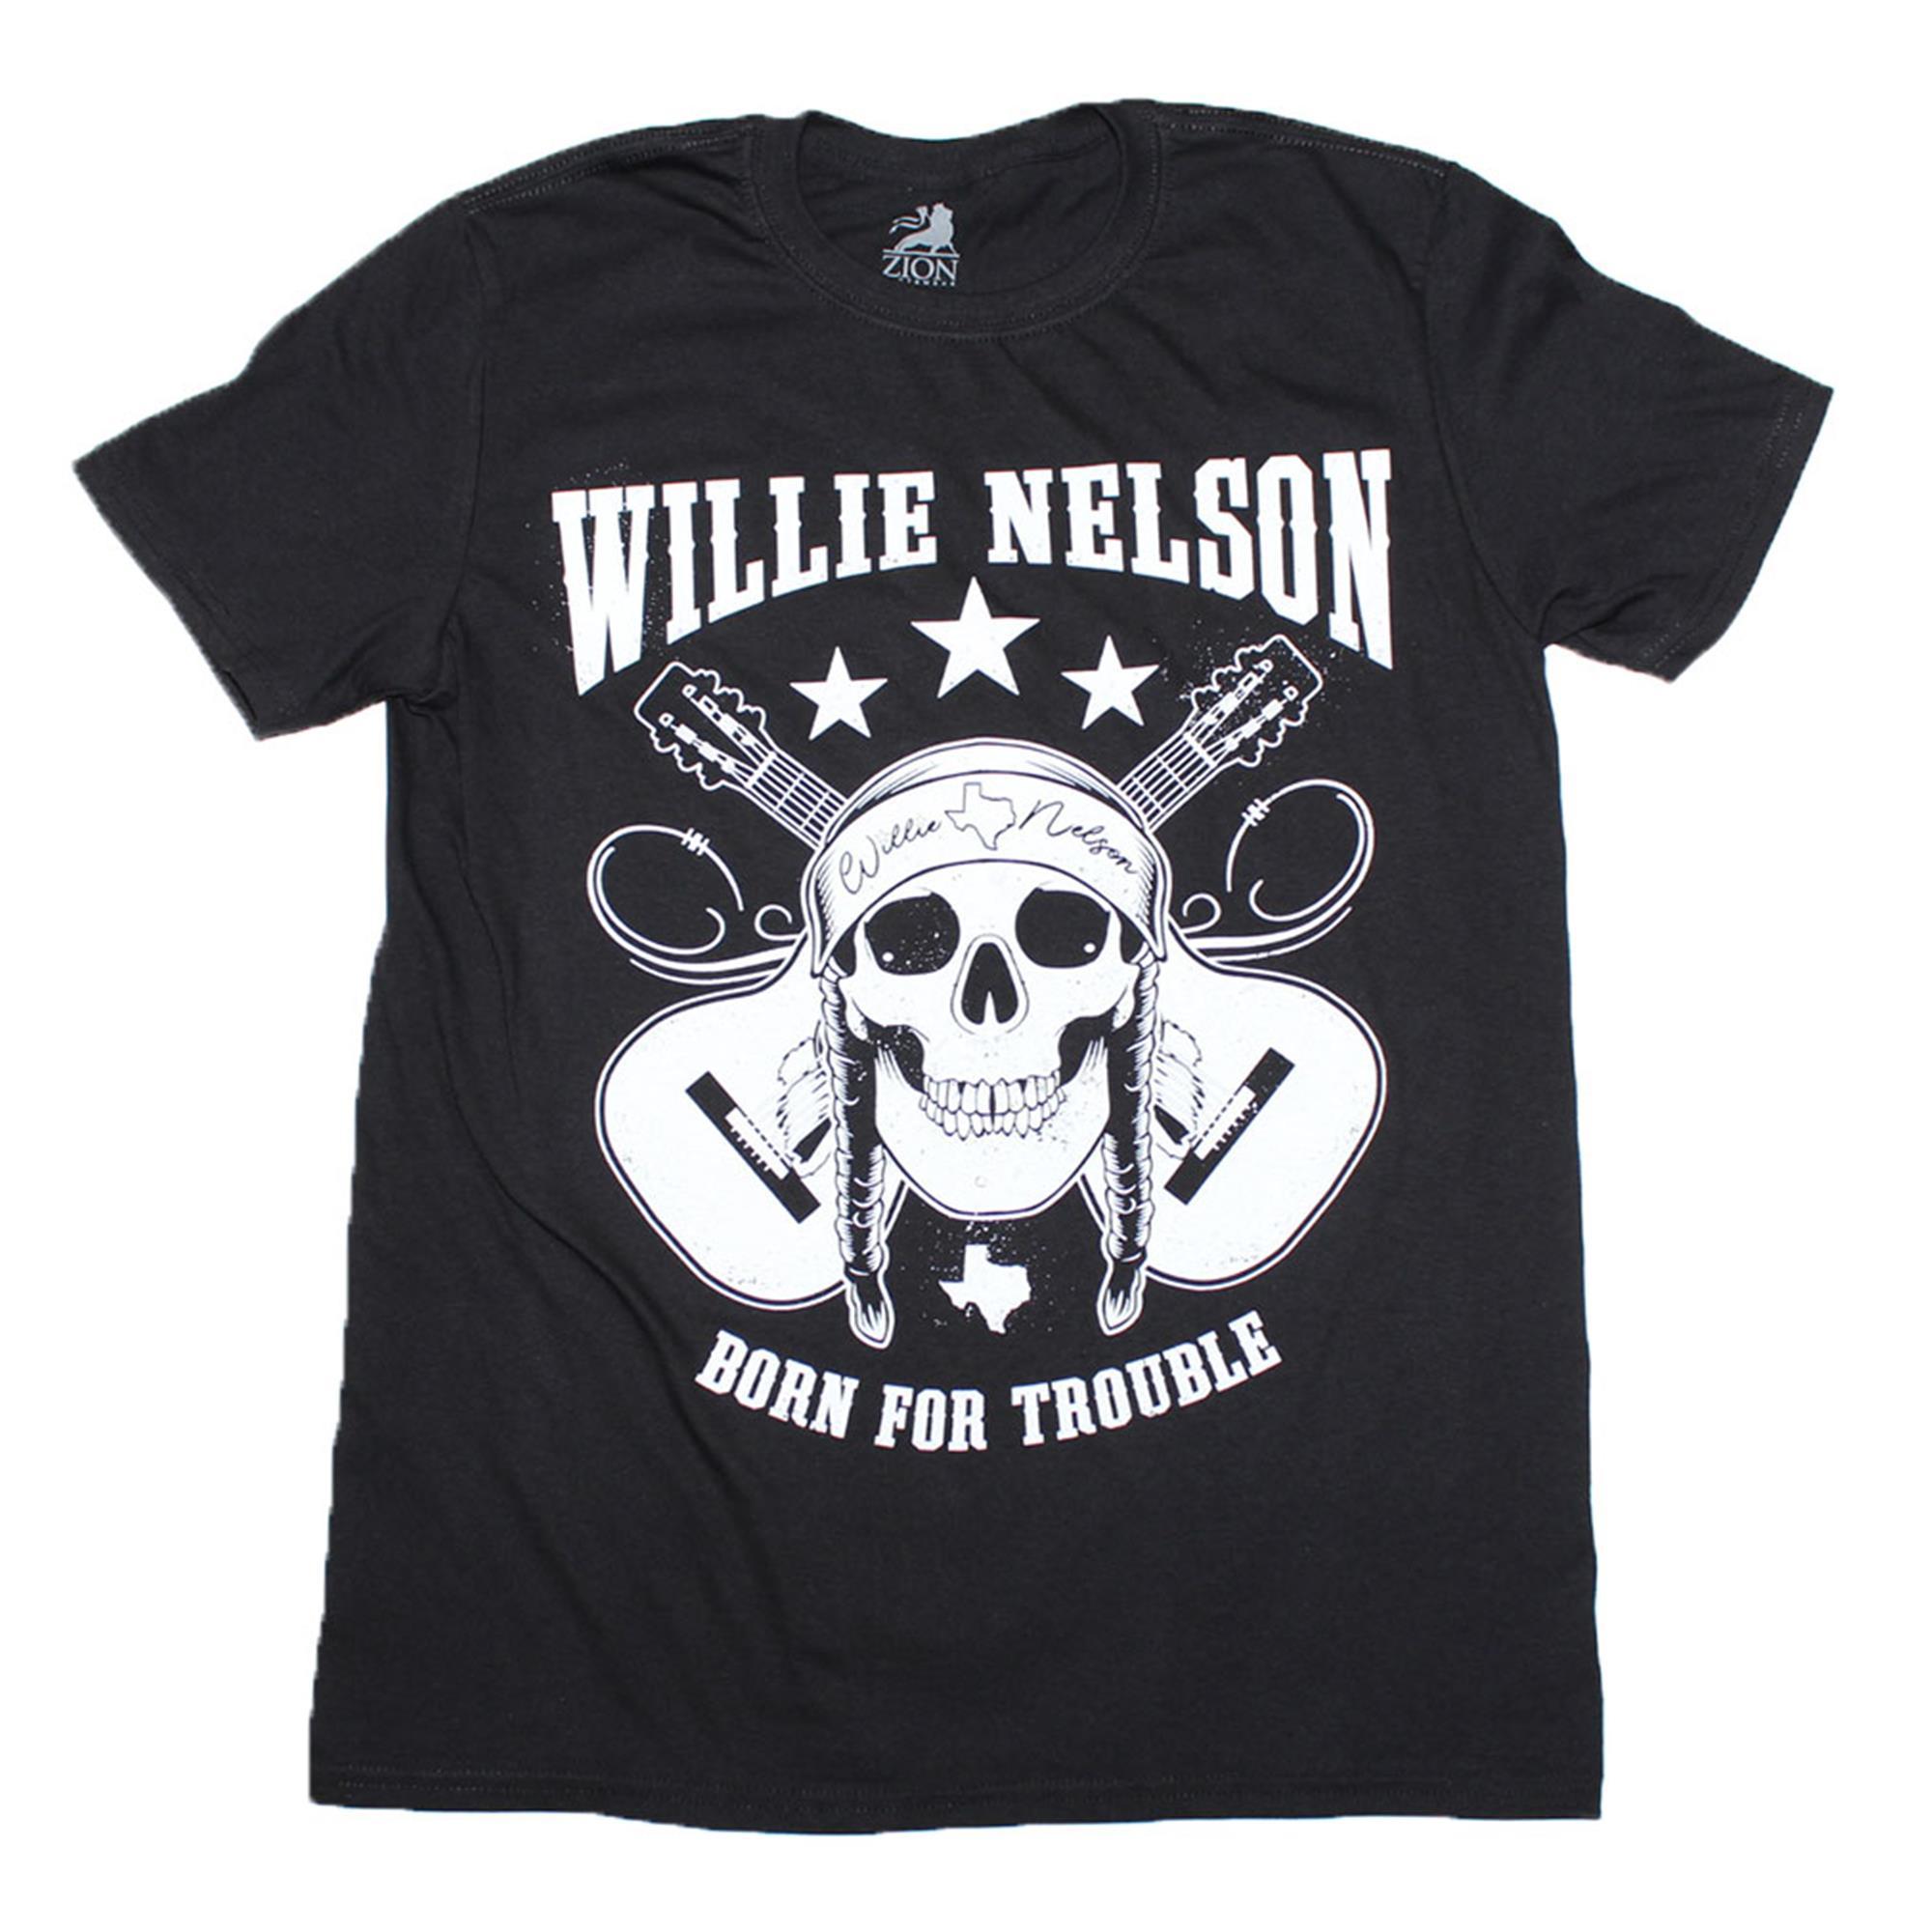 Willie Nelson Skull T-Shirt